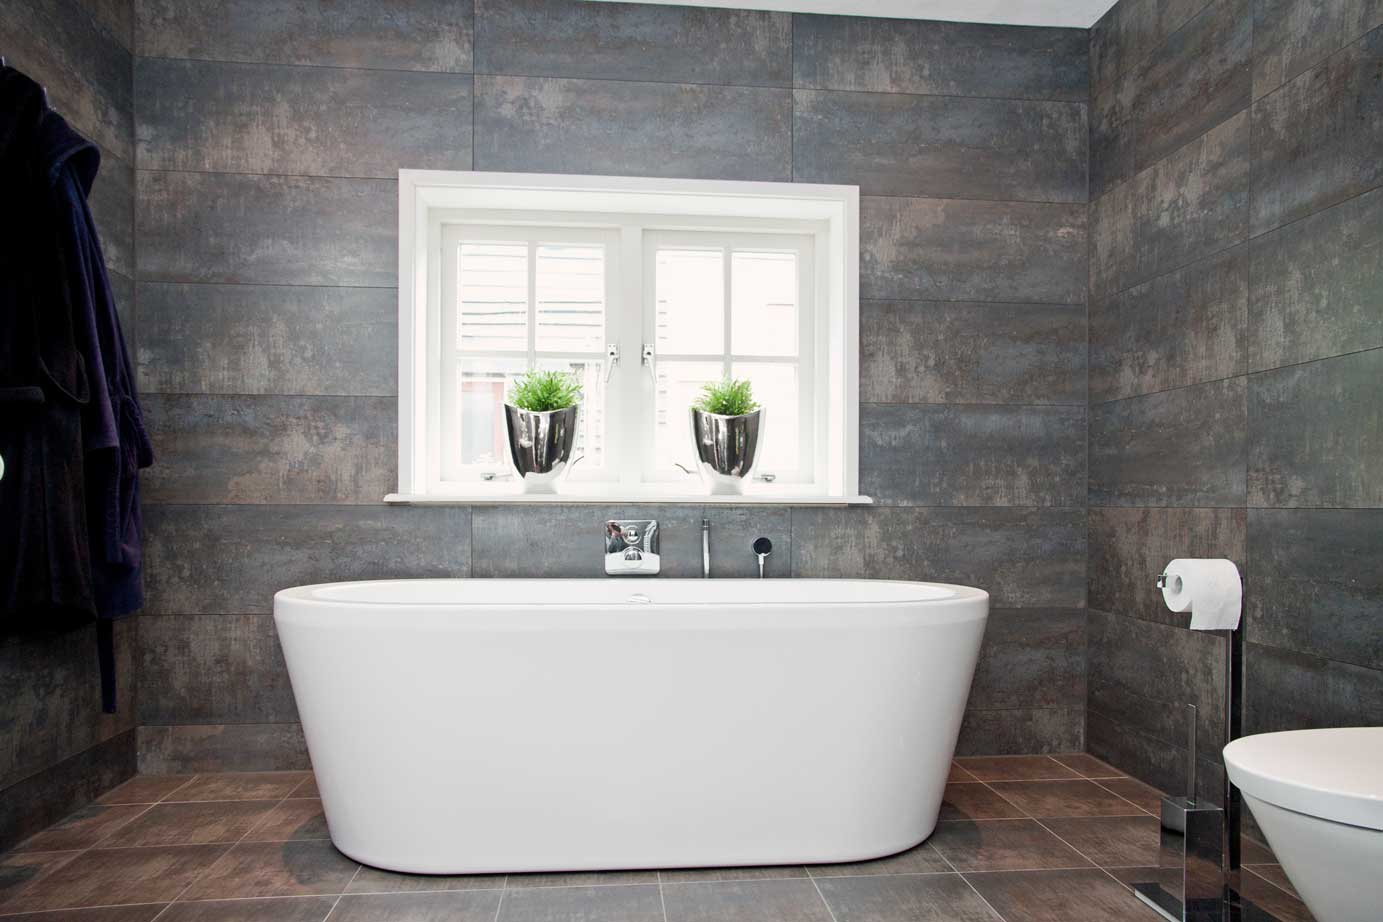 Badkamer Kas Idees : Design vloertegels badkamer u artsmedia